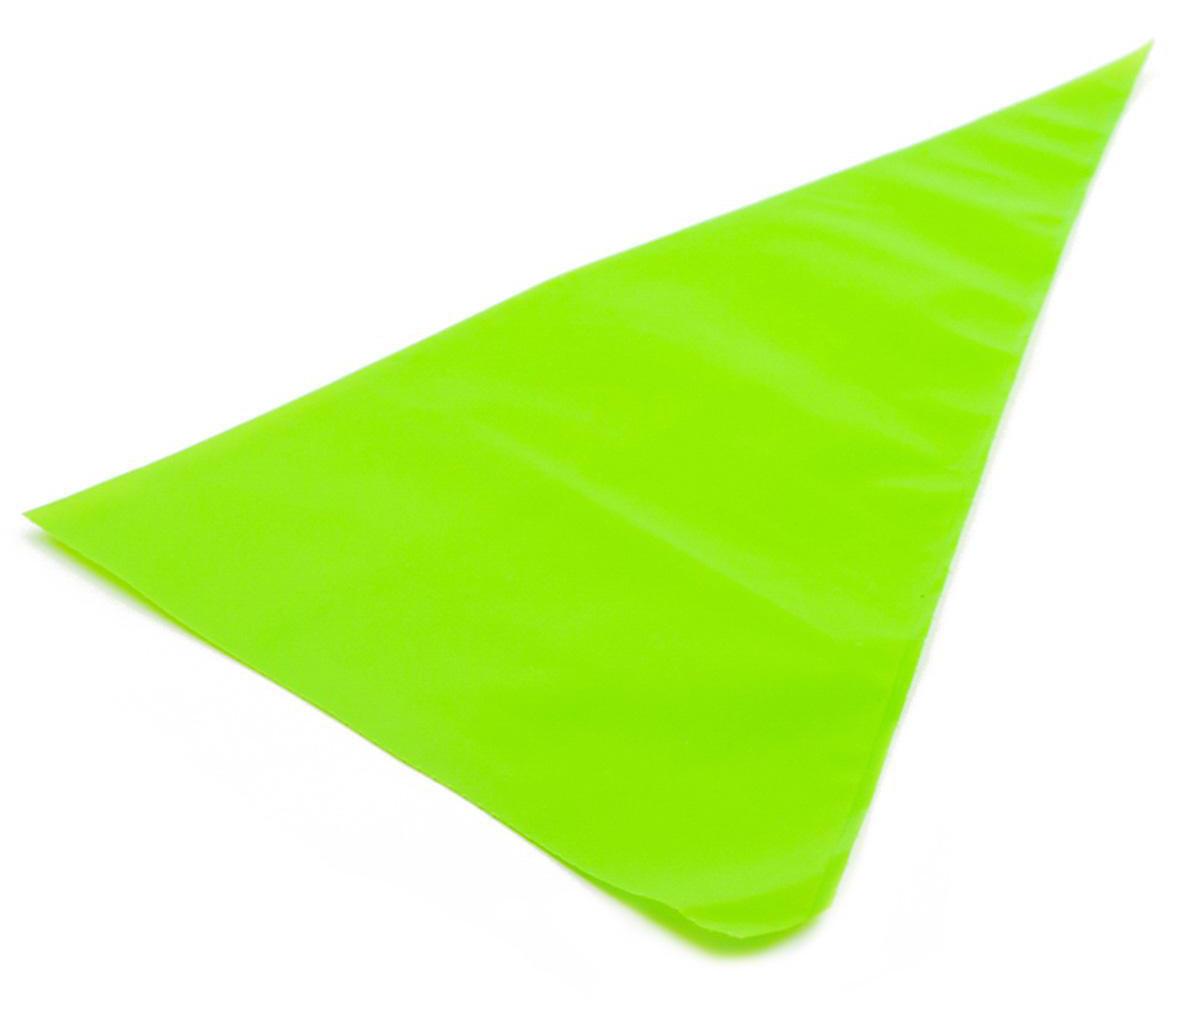 Мішок кондитерський силіконовий GREEN (46см*26см)